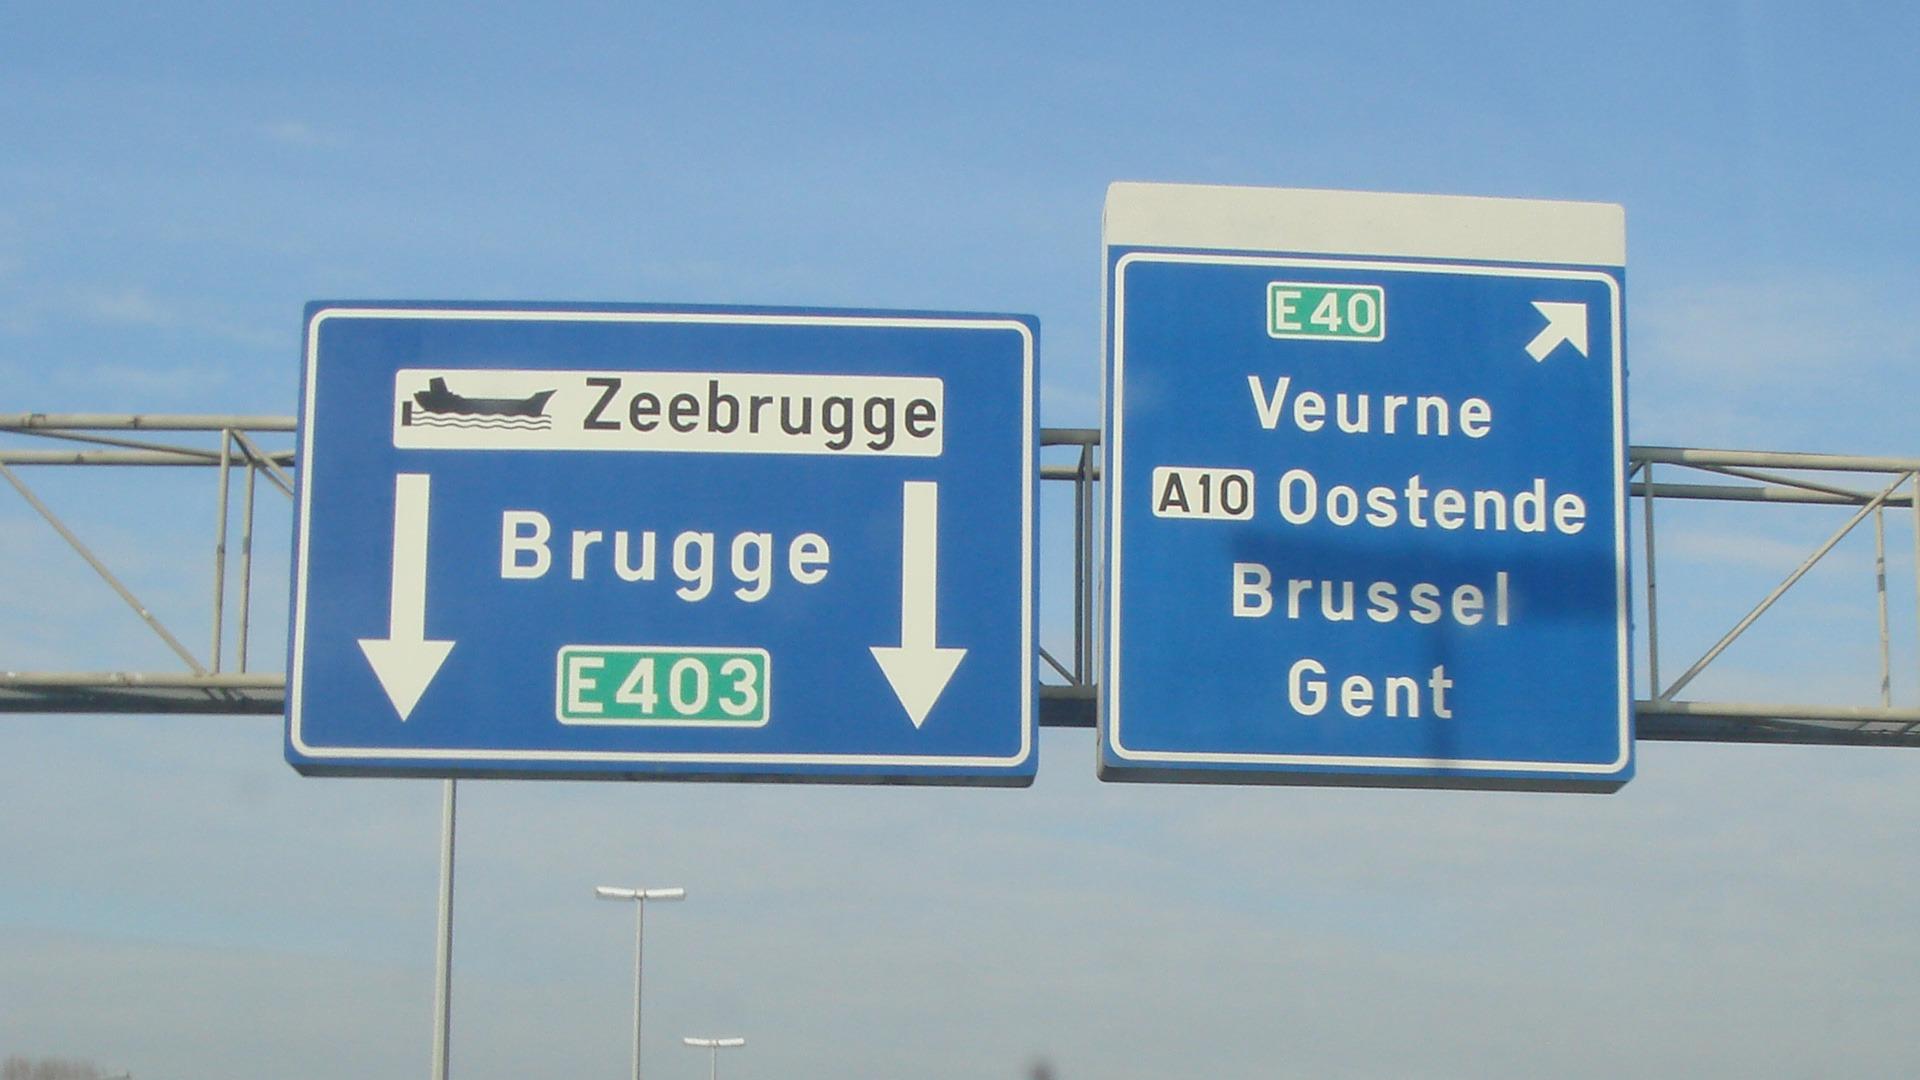 Geen vierde rijstrook op E40 in Gent